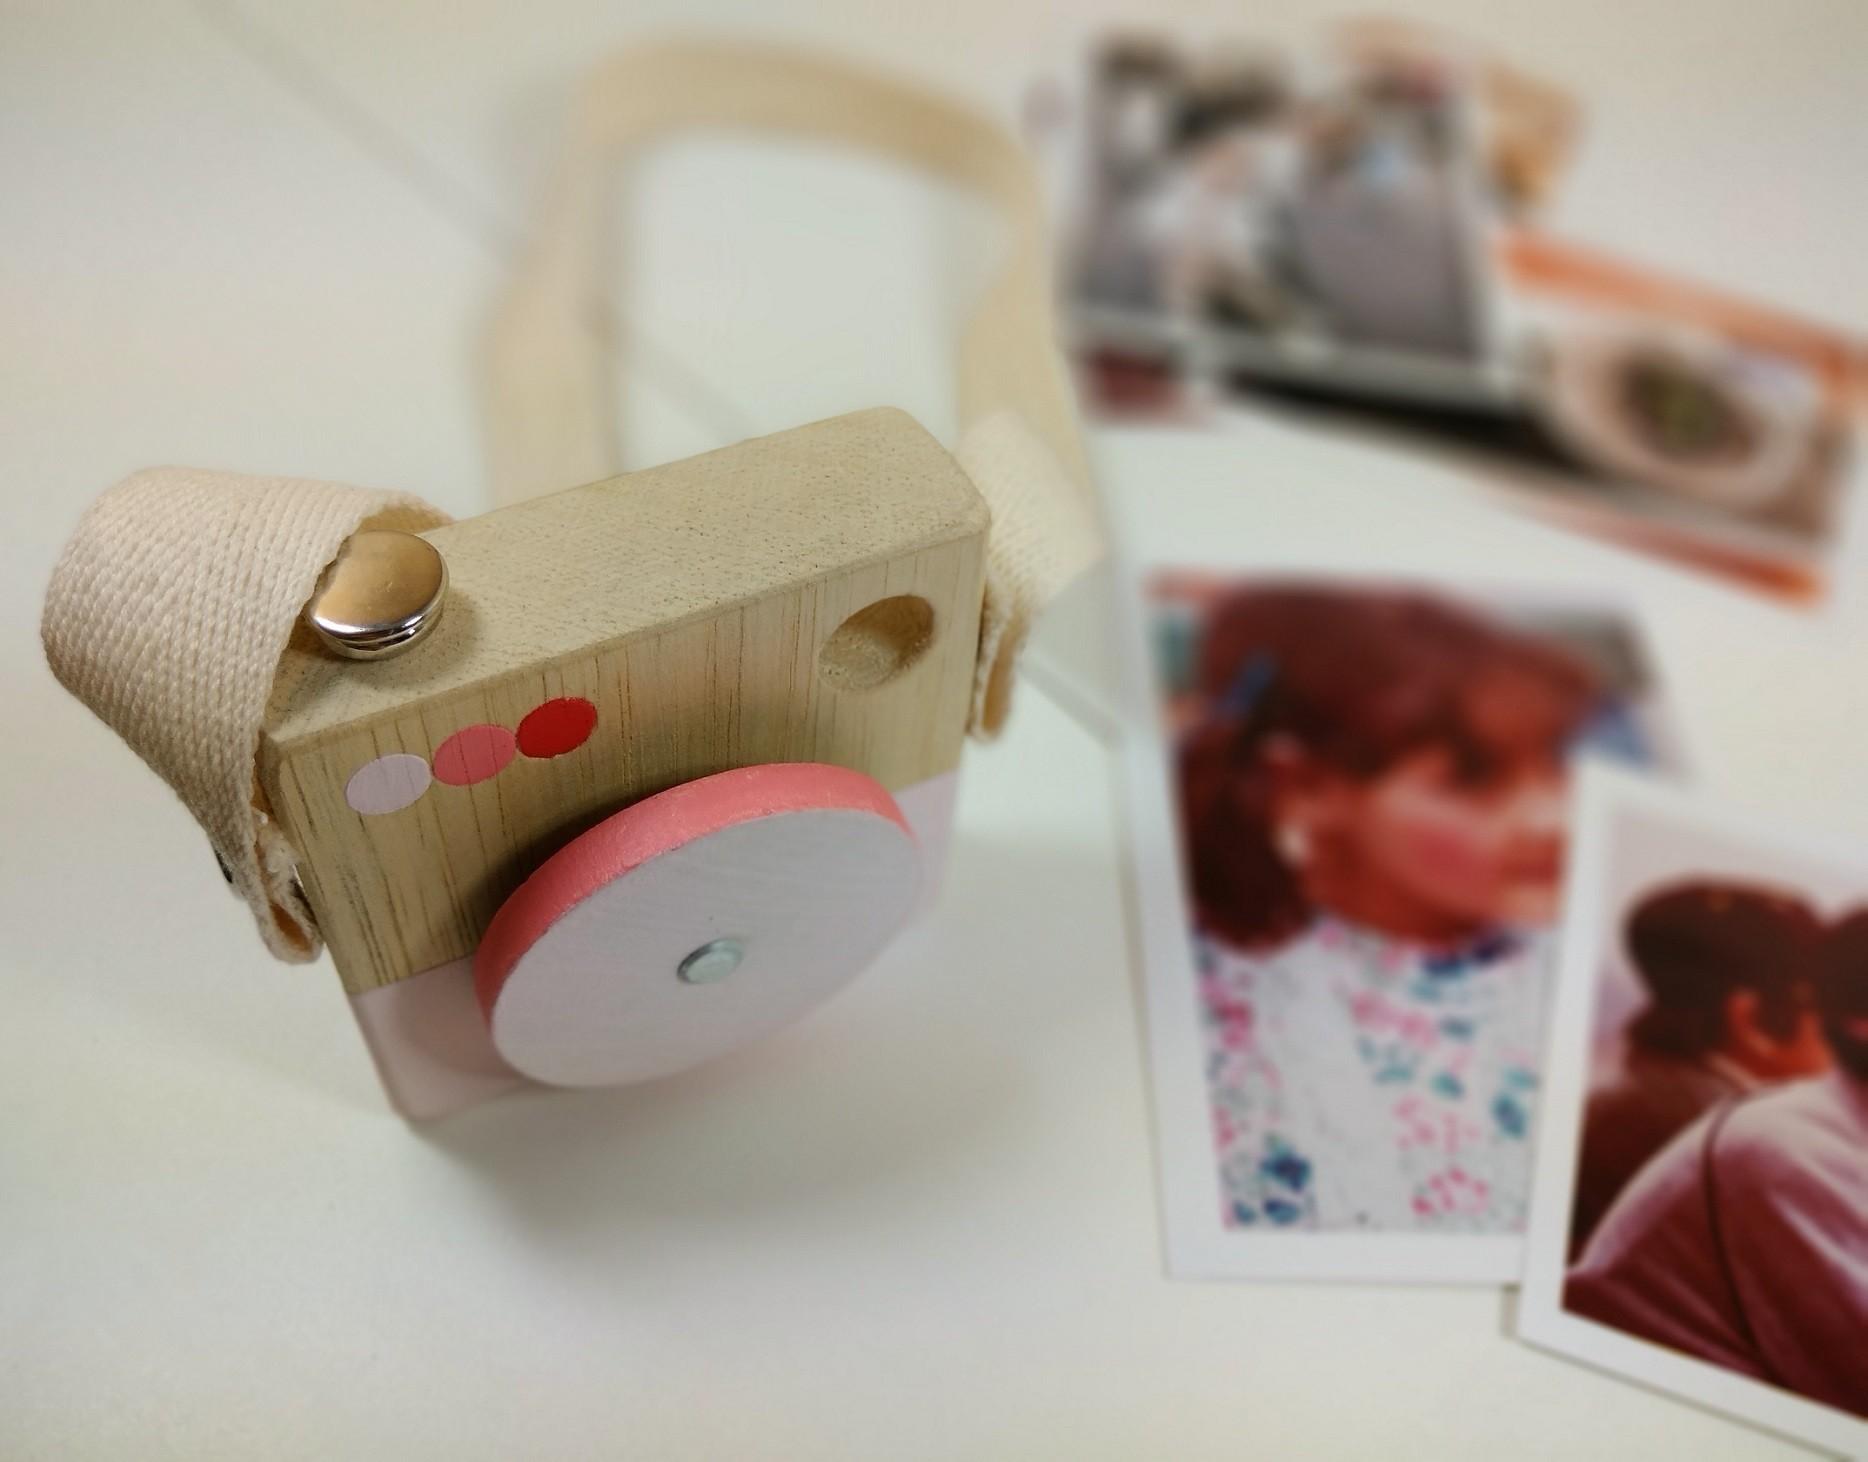 Brinquedo de madeira - Minicâmera CuteCam Rosa, da Cute Cubes - Cód. CC003